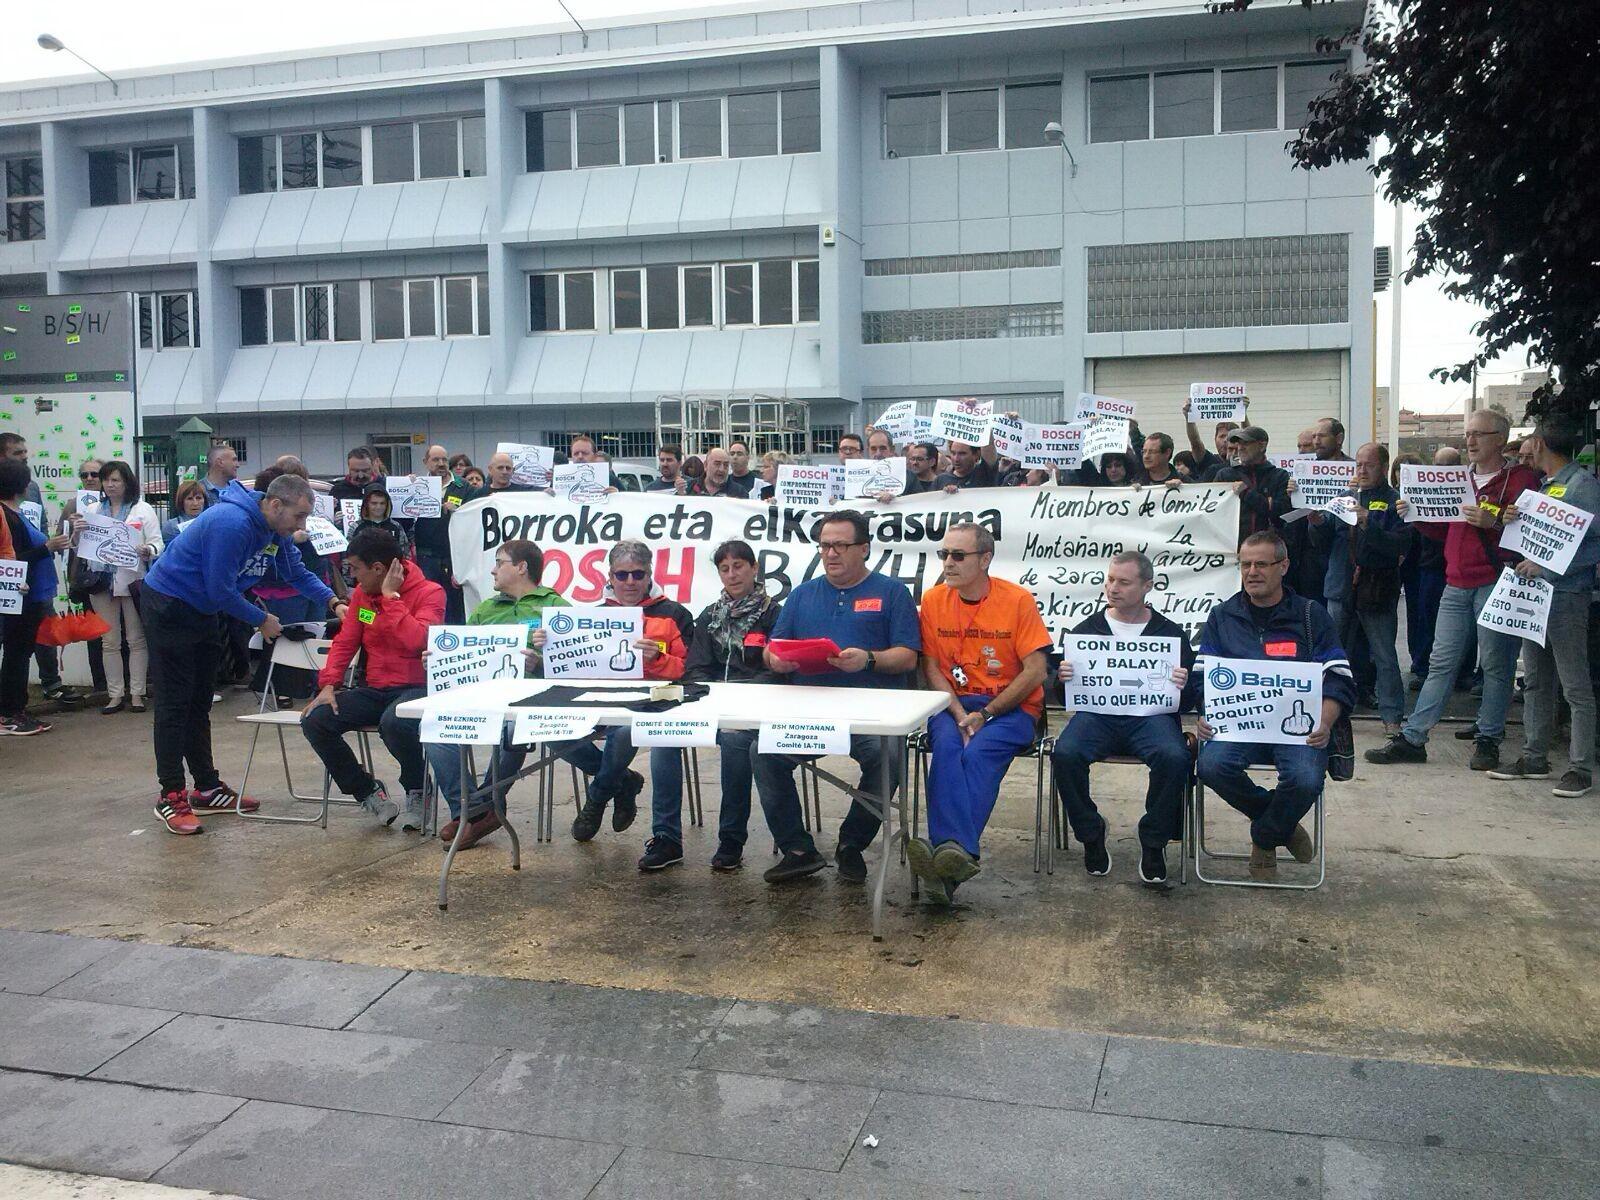 Trabajadores y trabajadoras de BSH Bosch de Gasteiz, Ezkirotz y Zaragoza comparecen en defensa de sus puestos de trabajo